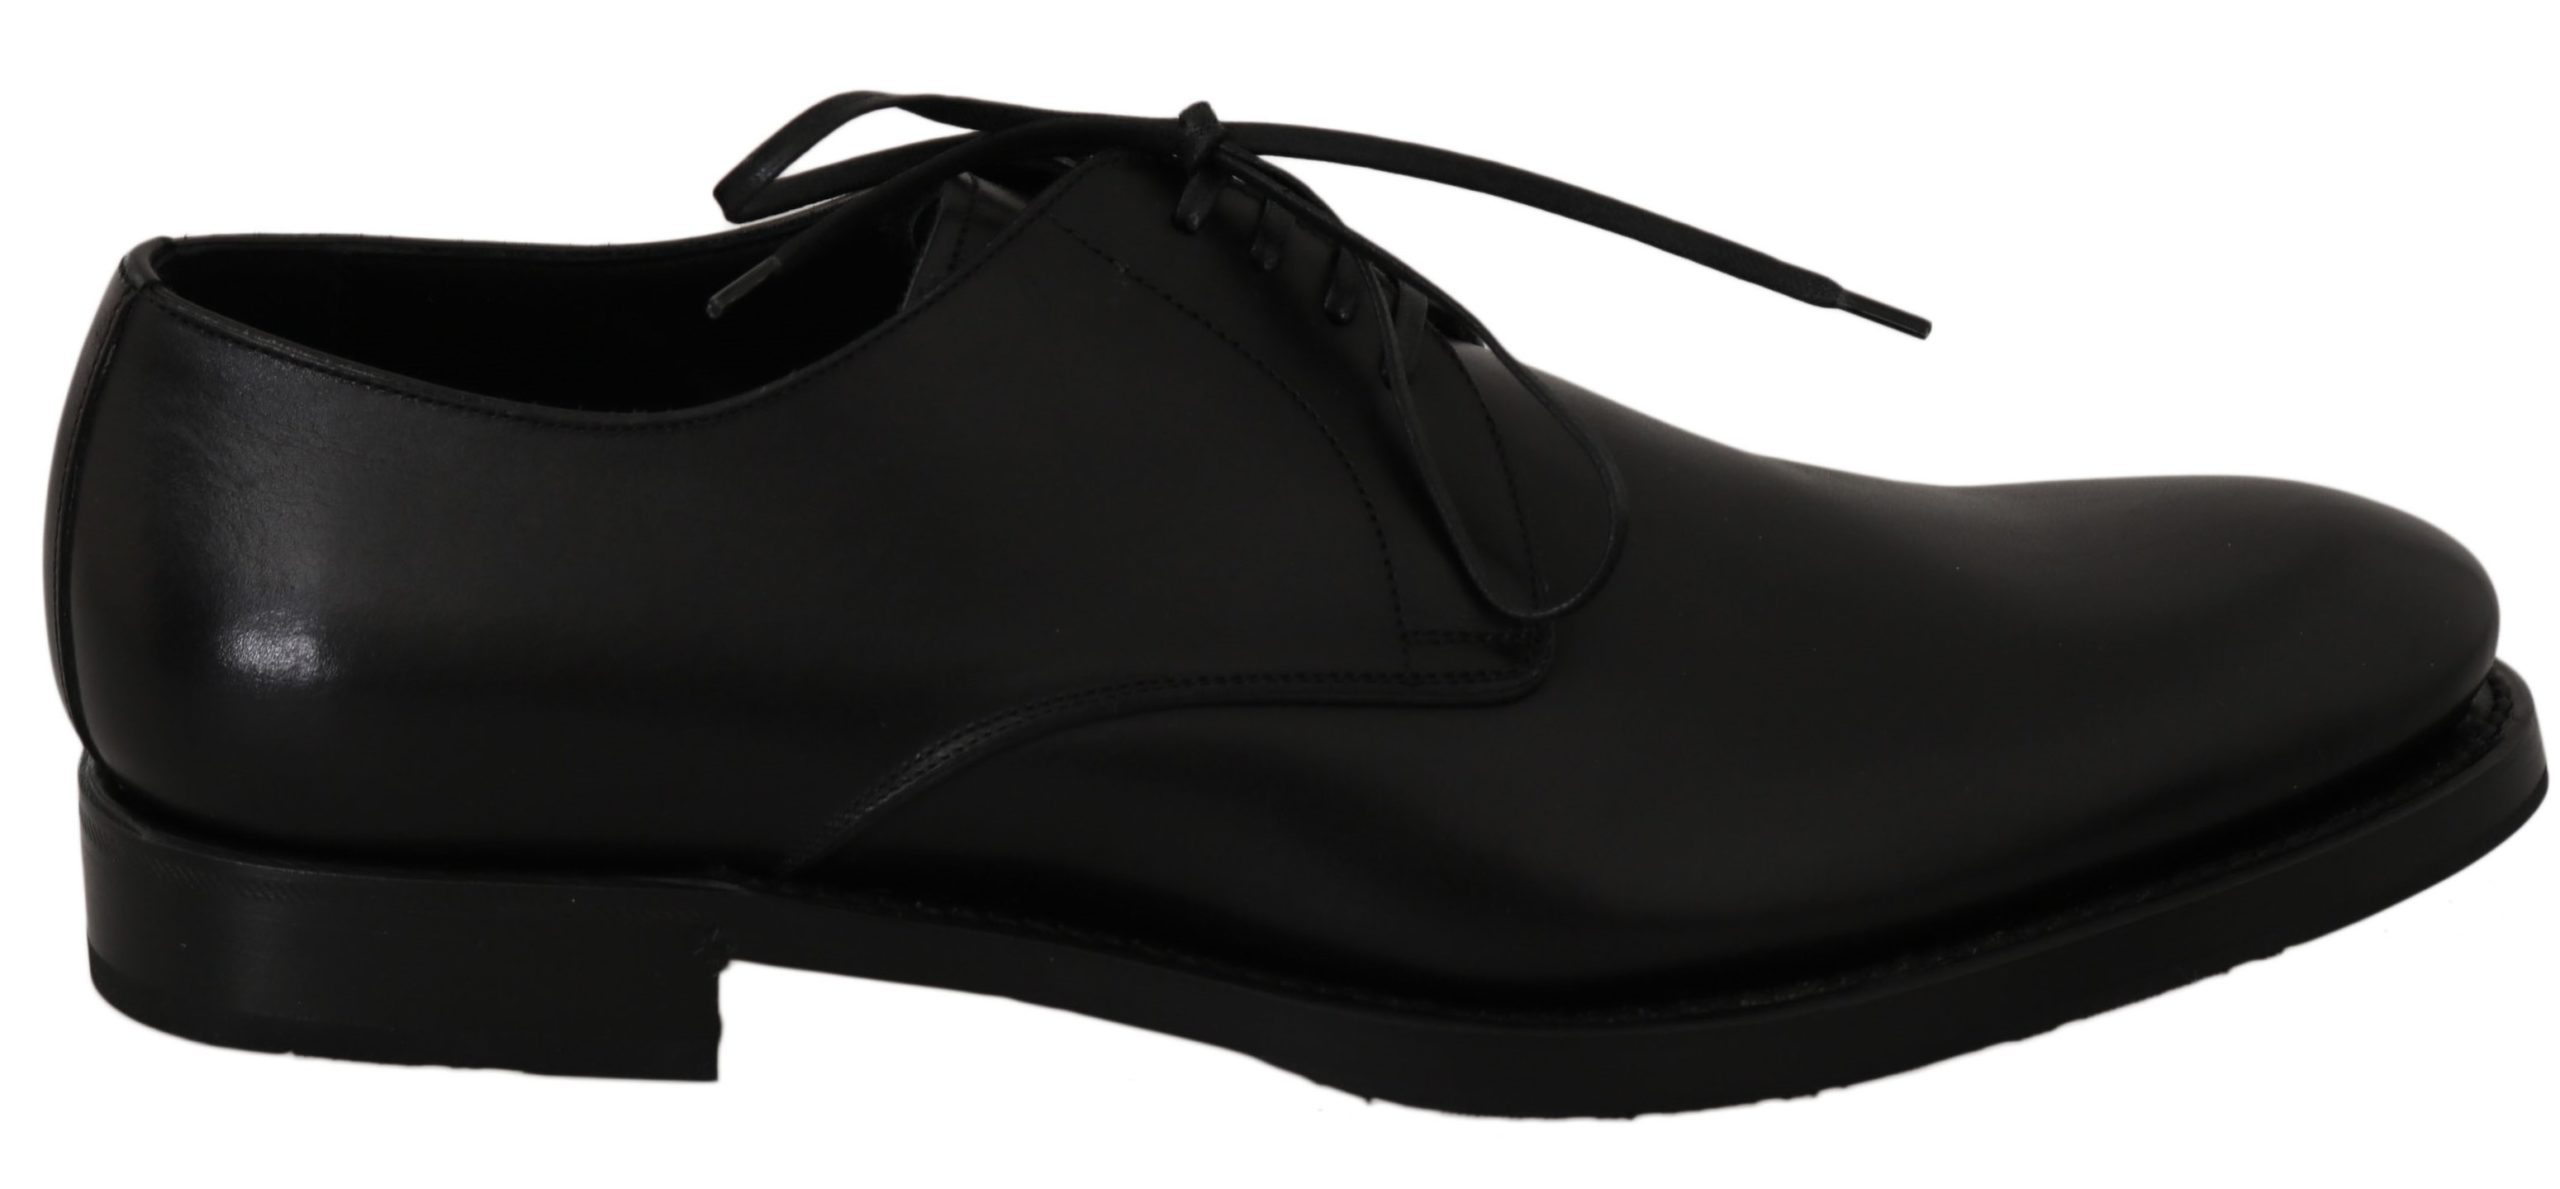 Dolce & Gabbana Men's Shoes Black MV2365 - EU38.5/US8